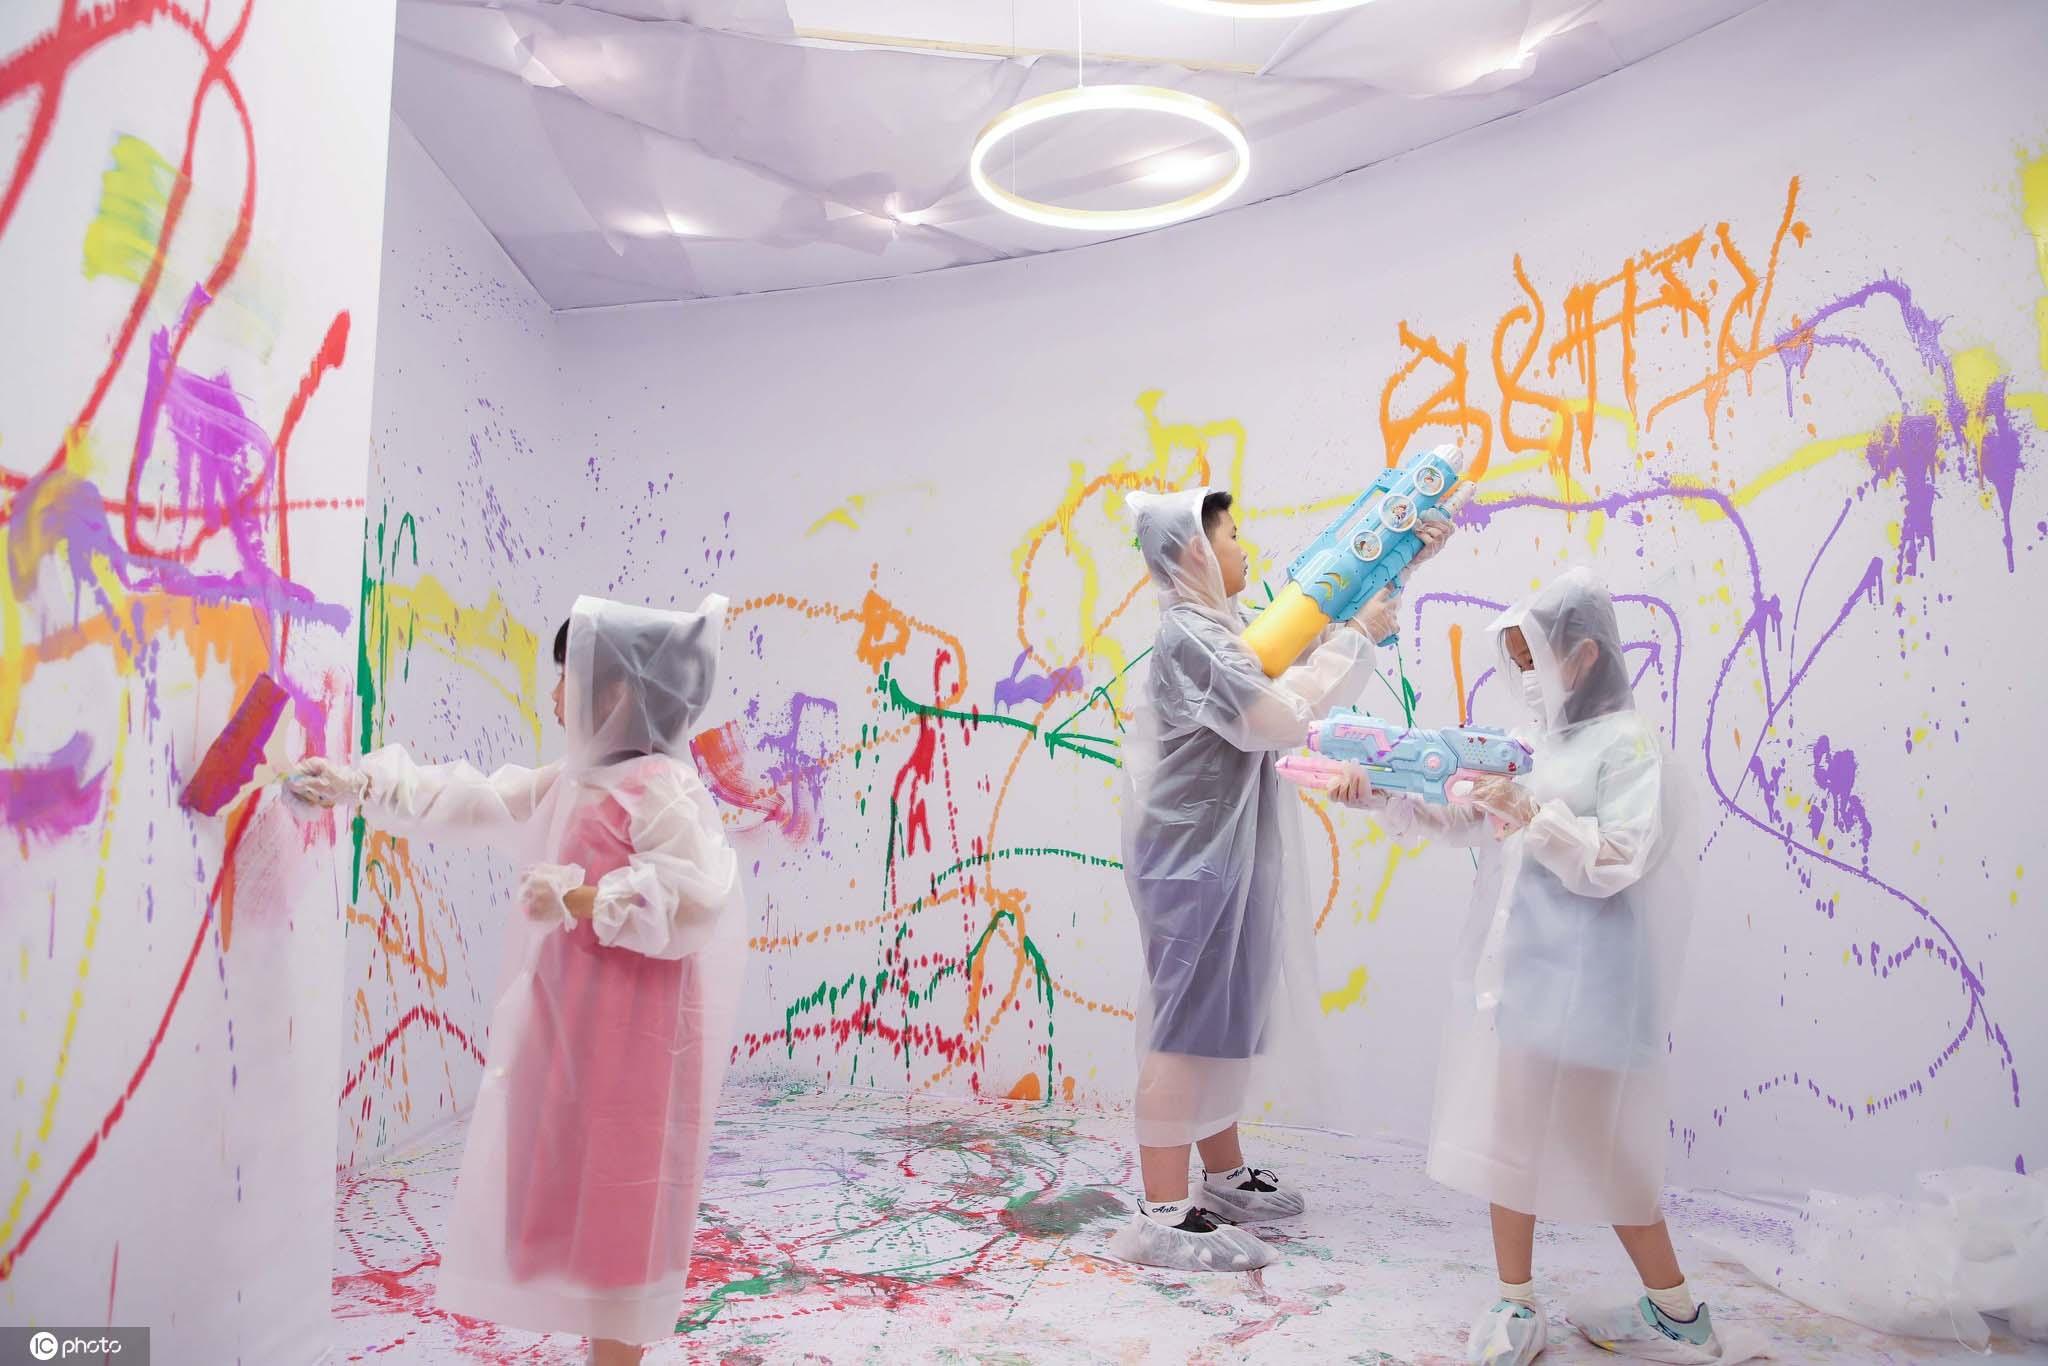 上海小朋友肆意涂鸦挥洒创意用色彩释放情绪欢度暑假